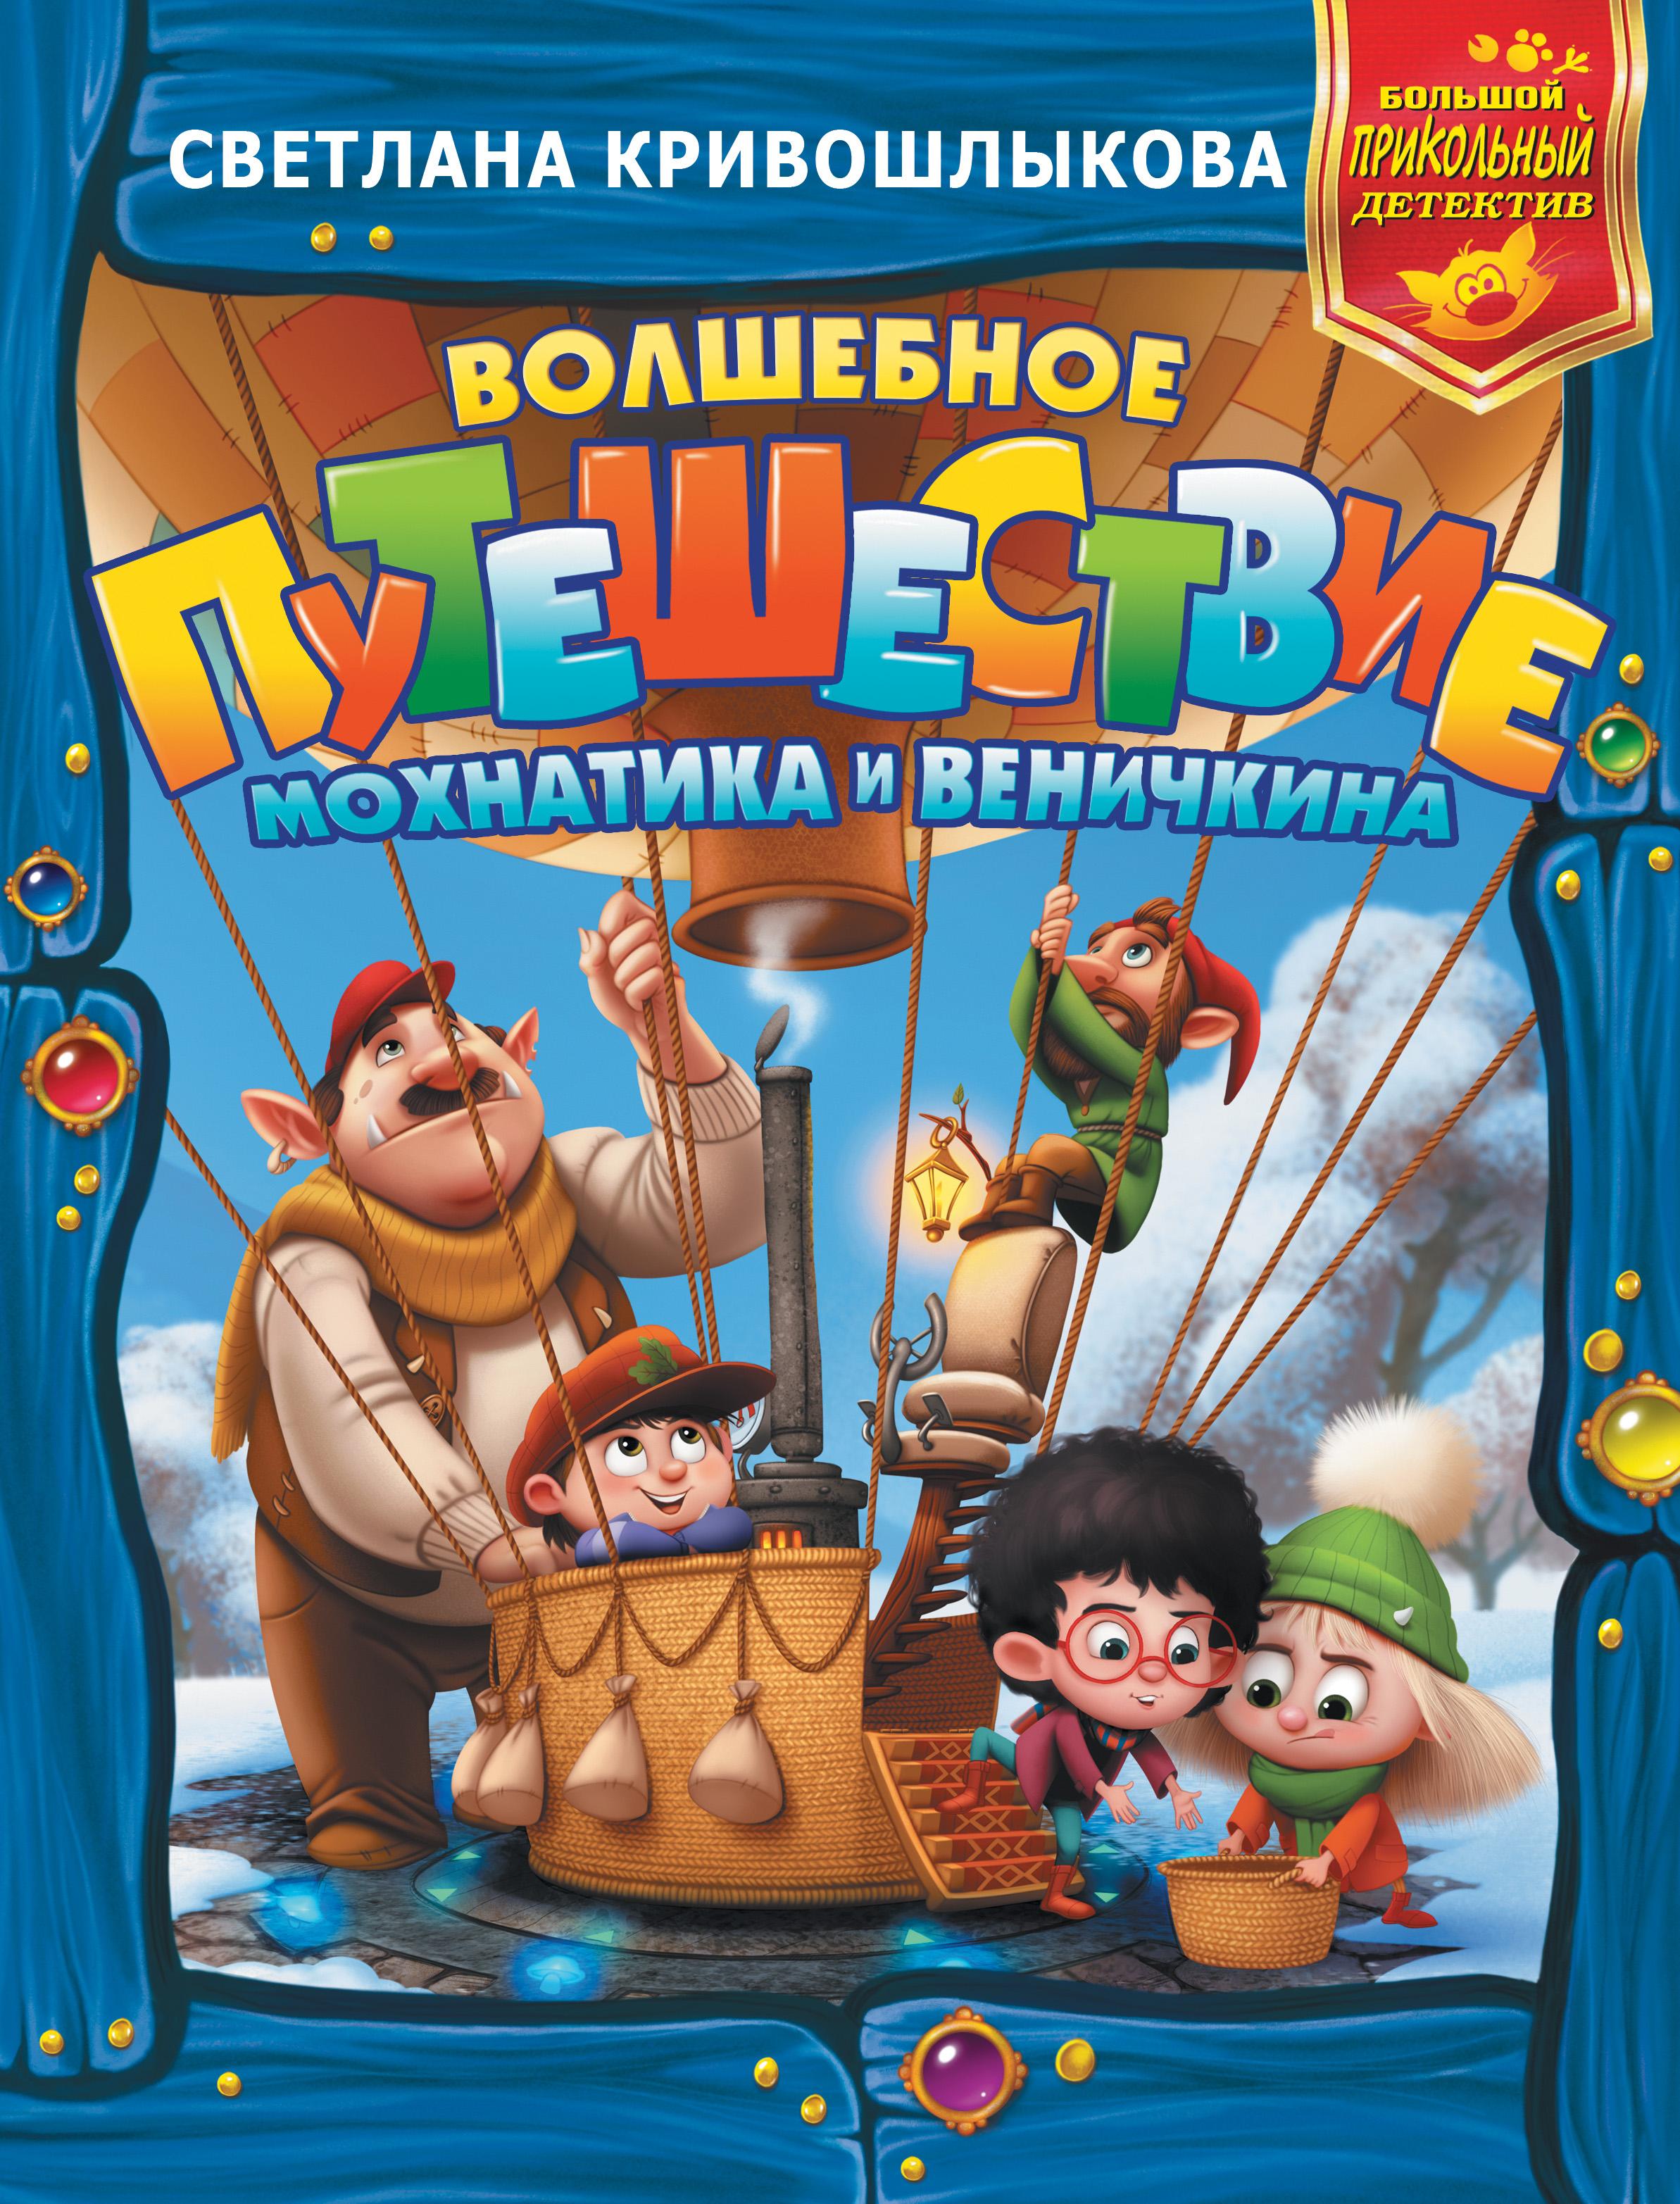 Волшебное путешествие Мохнатика и Веничкина